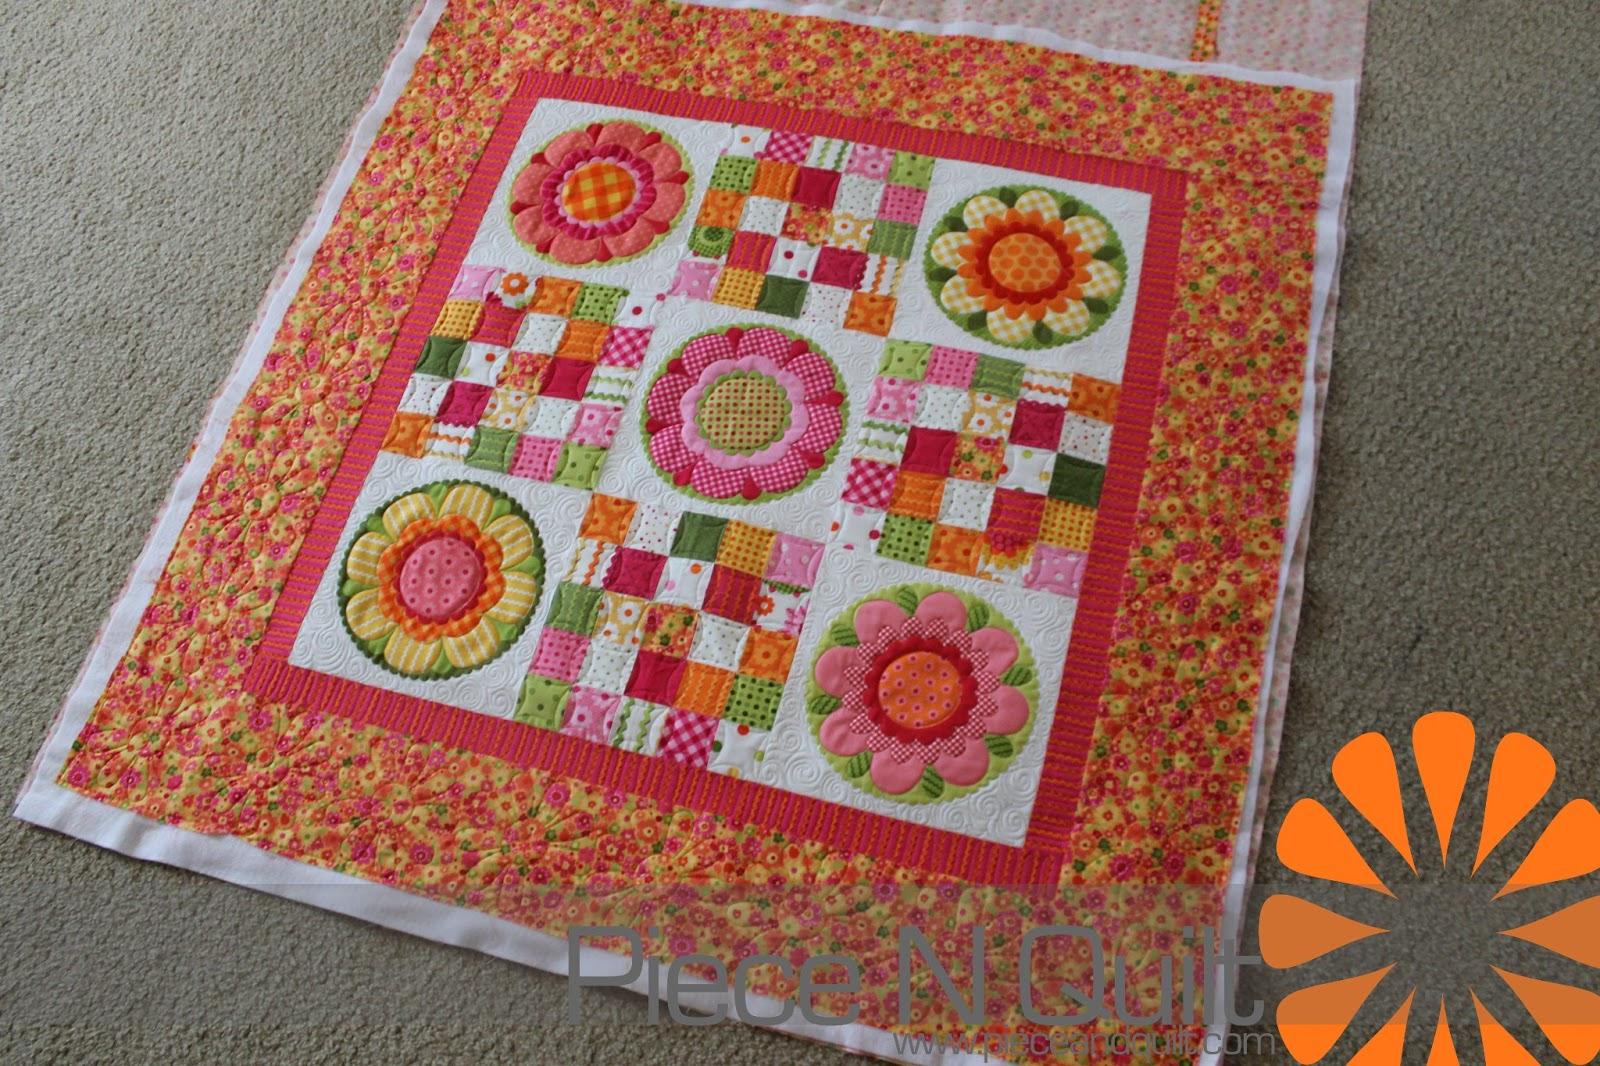 Piece N Quilt: Coordinating Little Girl Quilts : little quilts - Adamdwight.com